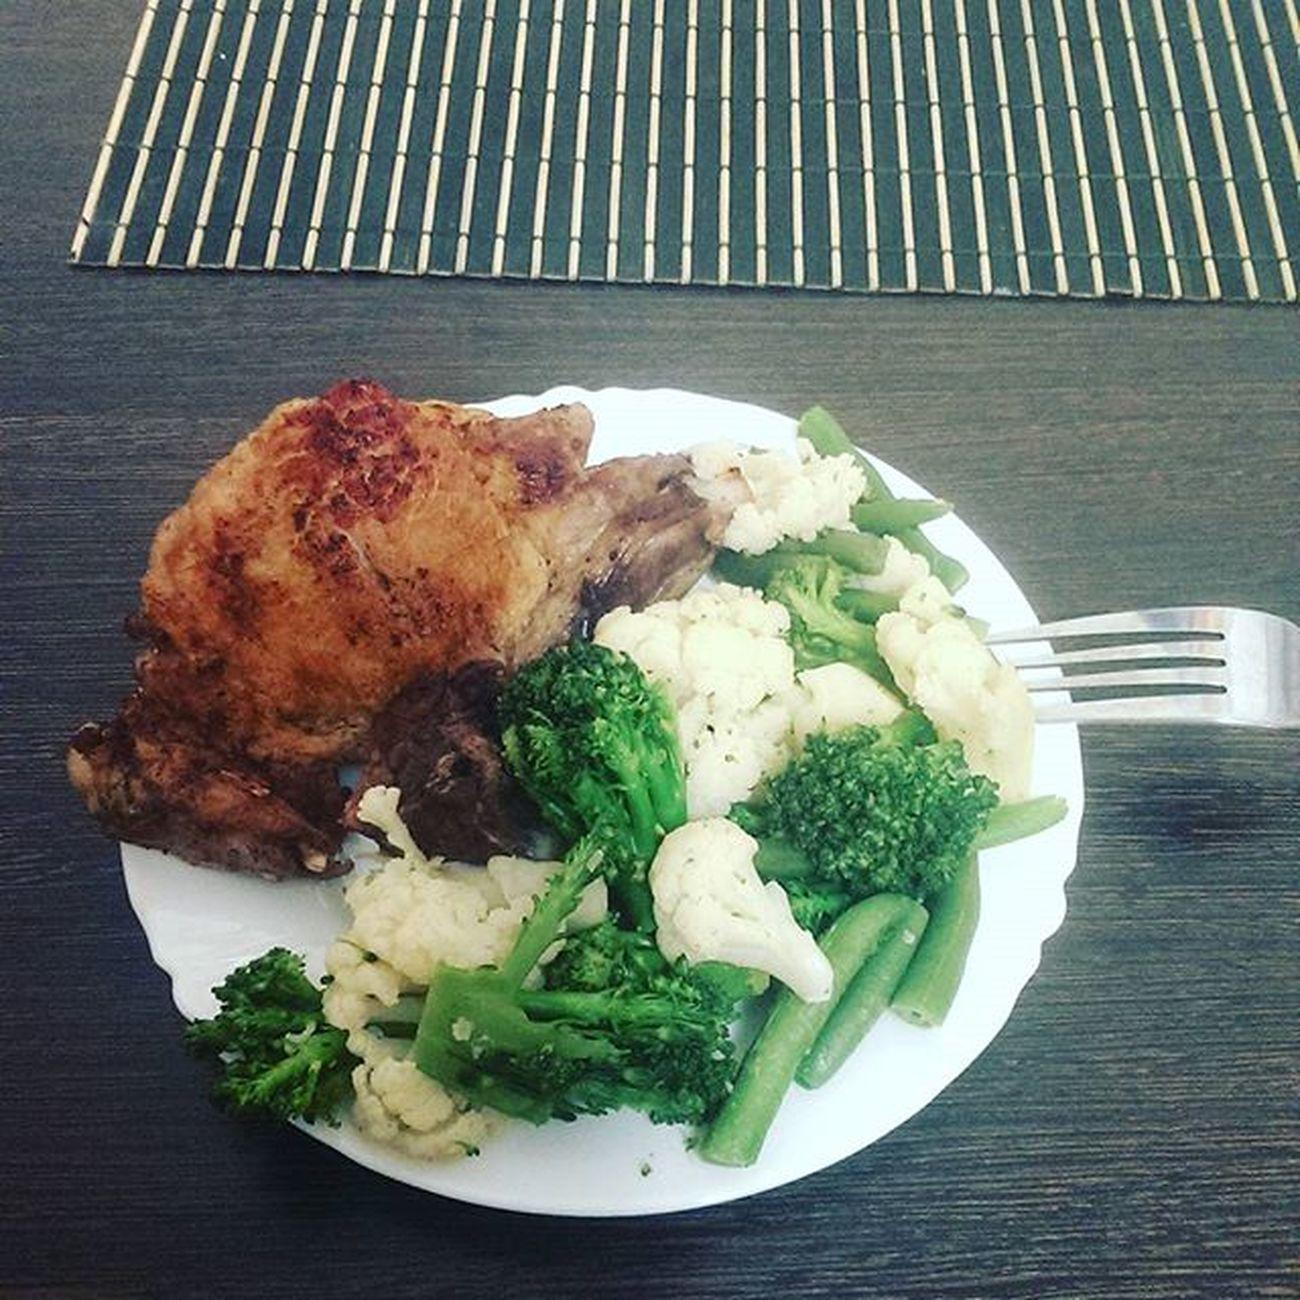 здоровоепитание ЗОЖ💪 питаемсяправильно позднийужин мясо брокколи ммм вкусненько приятногоаппетита